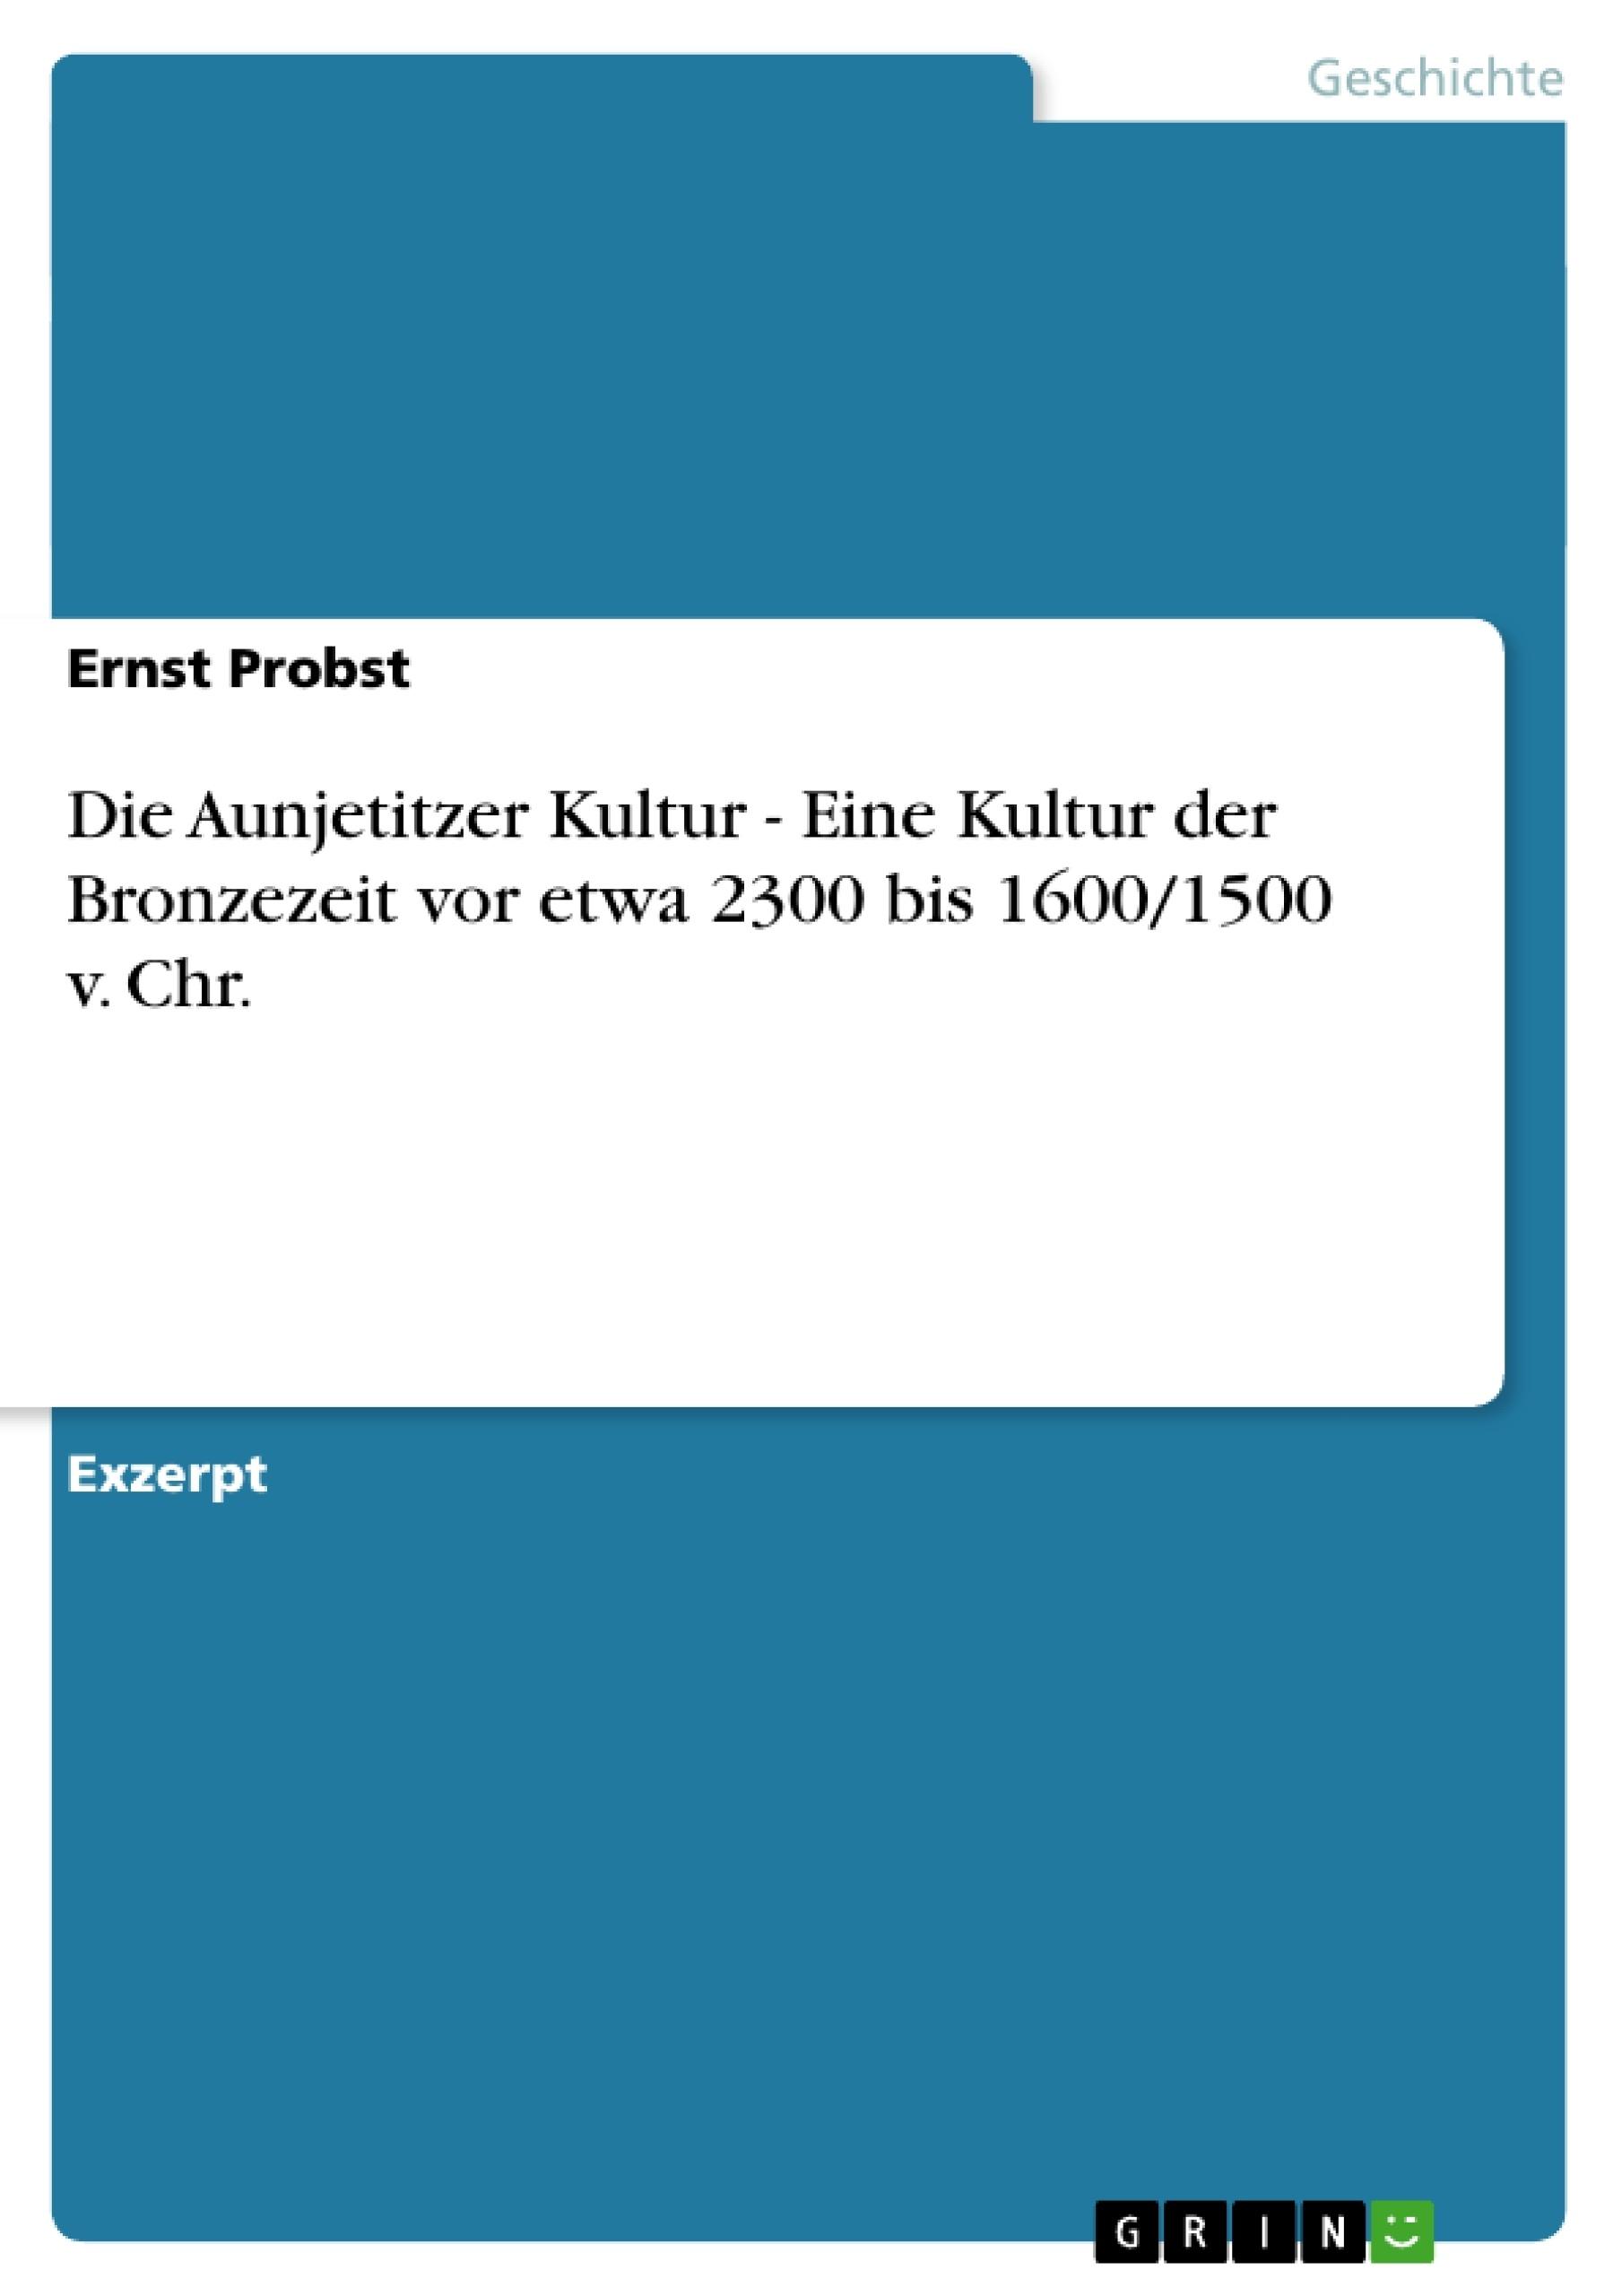 Titel: Die Aunjetitzer Kultur - Eine Kultur der Bronzezeit vor etwa 2300 bis 1600/1500 v. Chr.